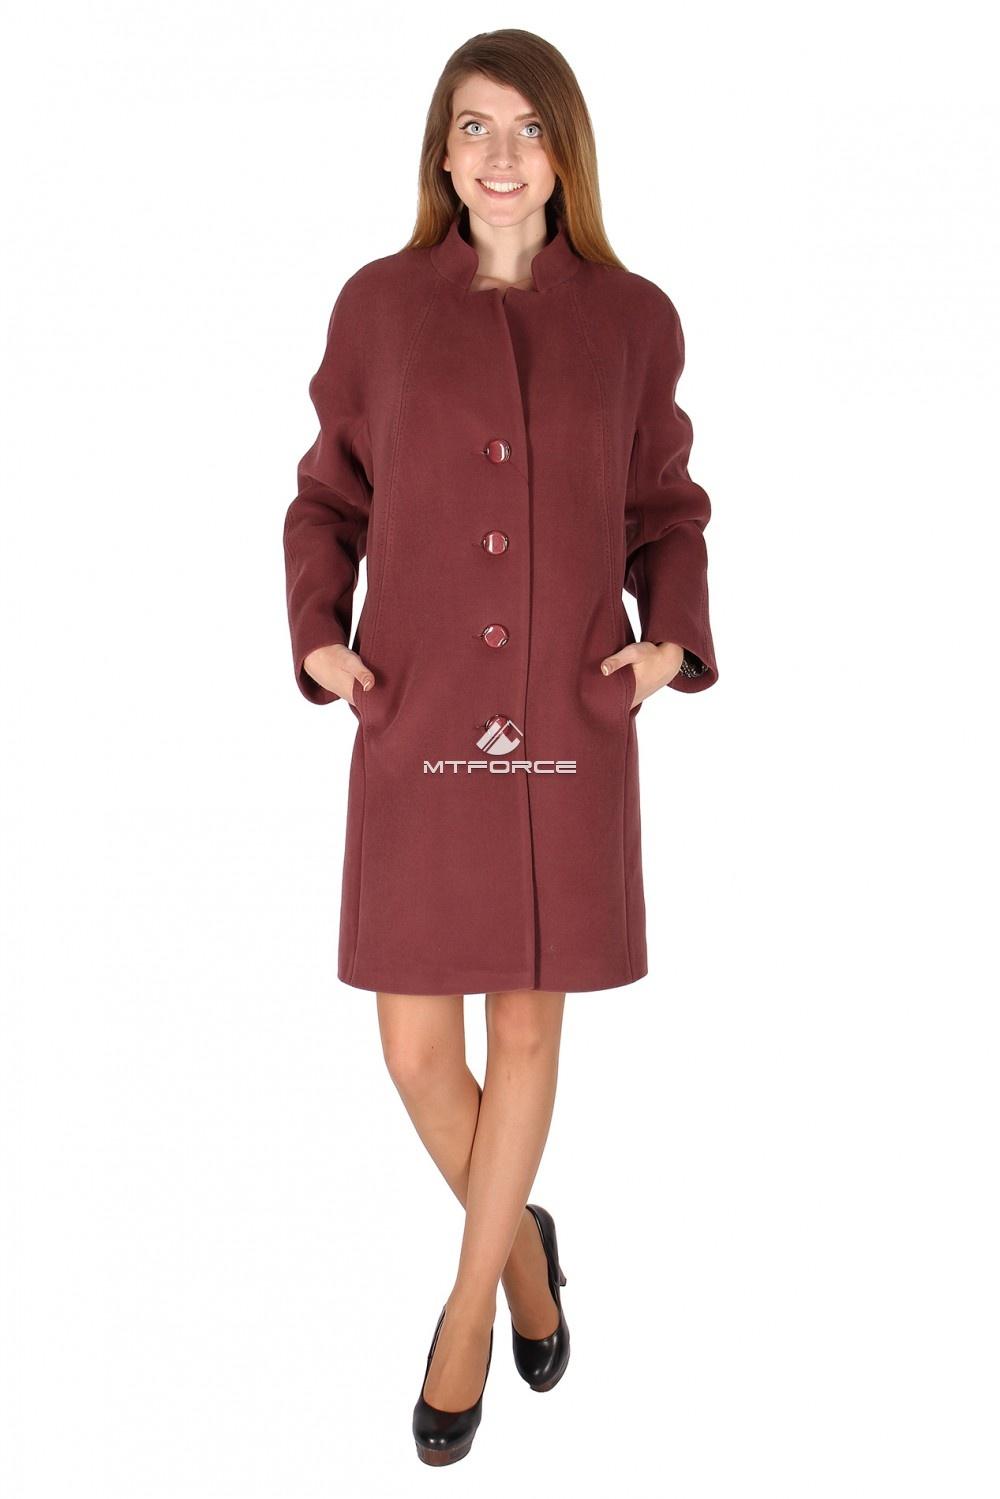 Купить                                  оптом Пальто женское каричневого цвета 15193K